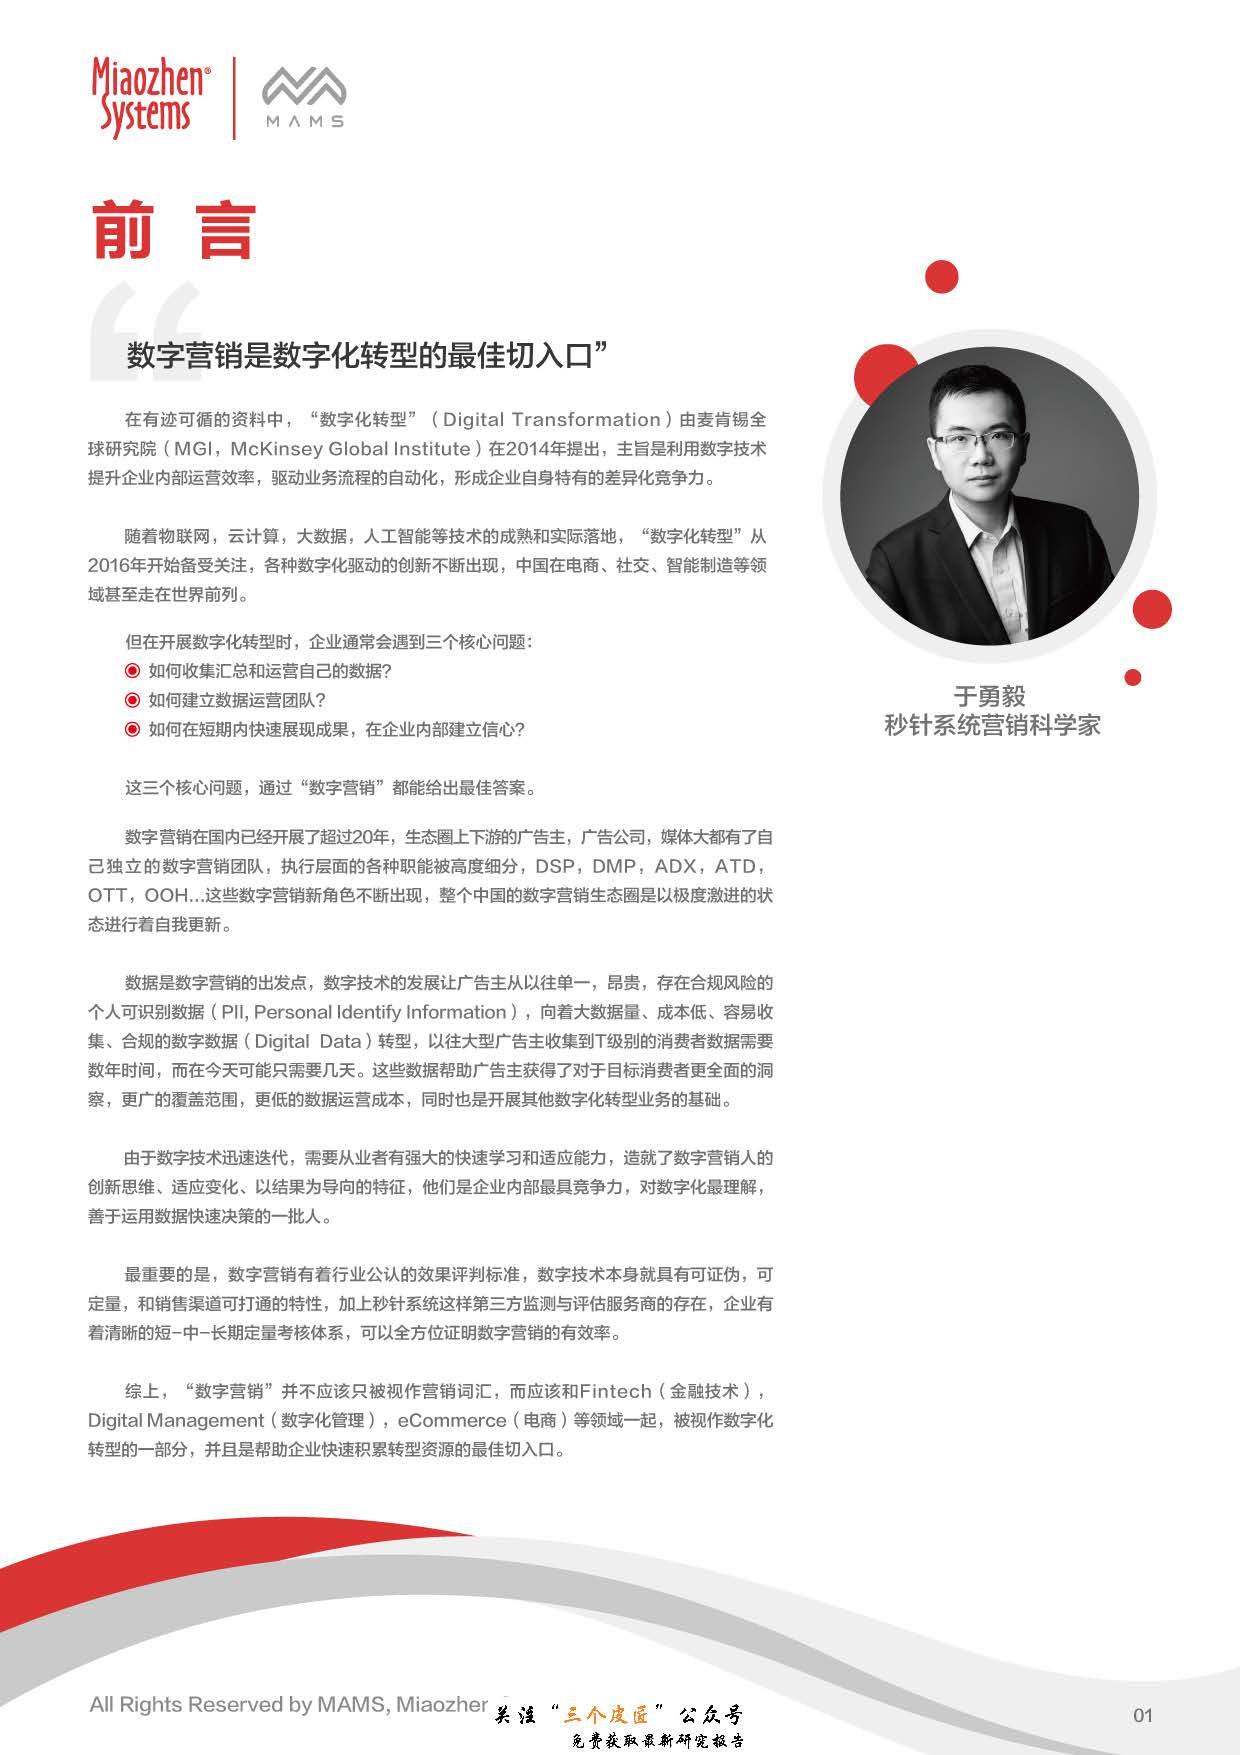 秒针:解读中国数字营销地铁图(28页)_页面_02.jpg